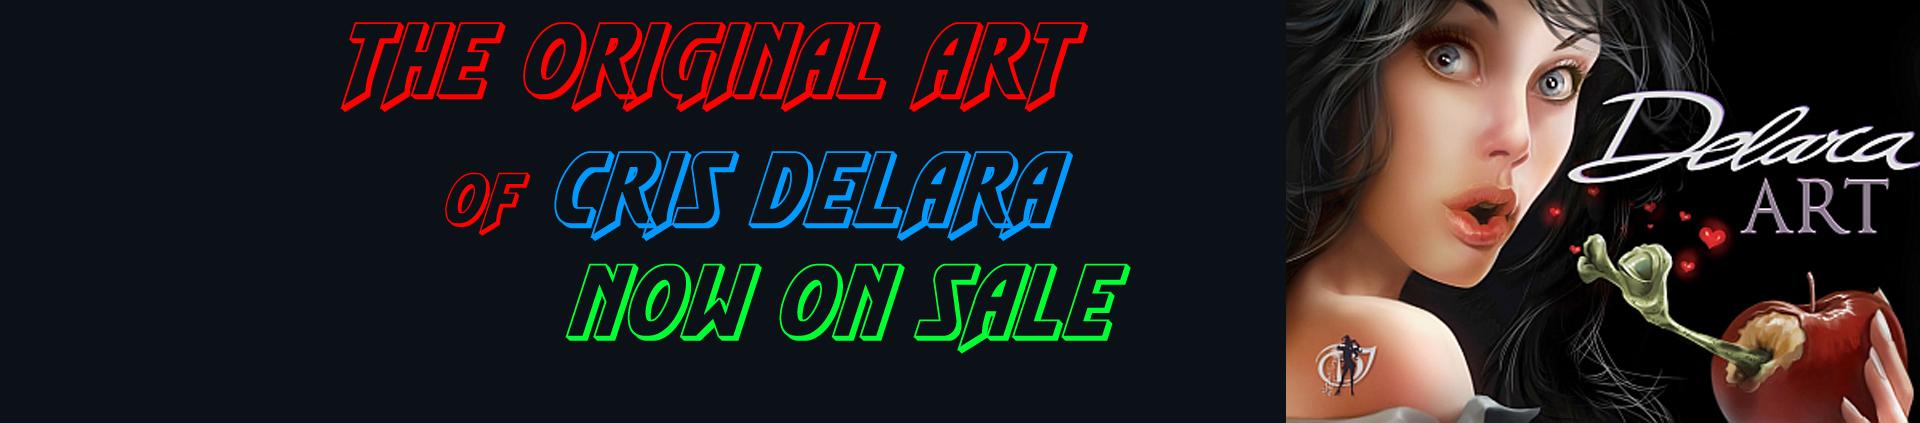 cris-delara-original-art-sale-banner.jpg